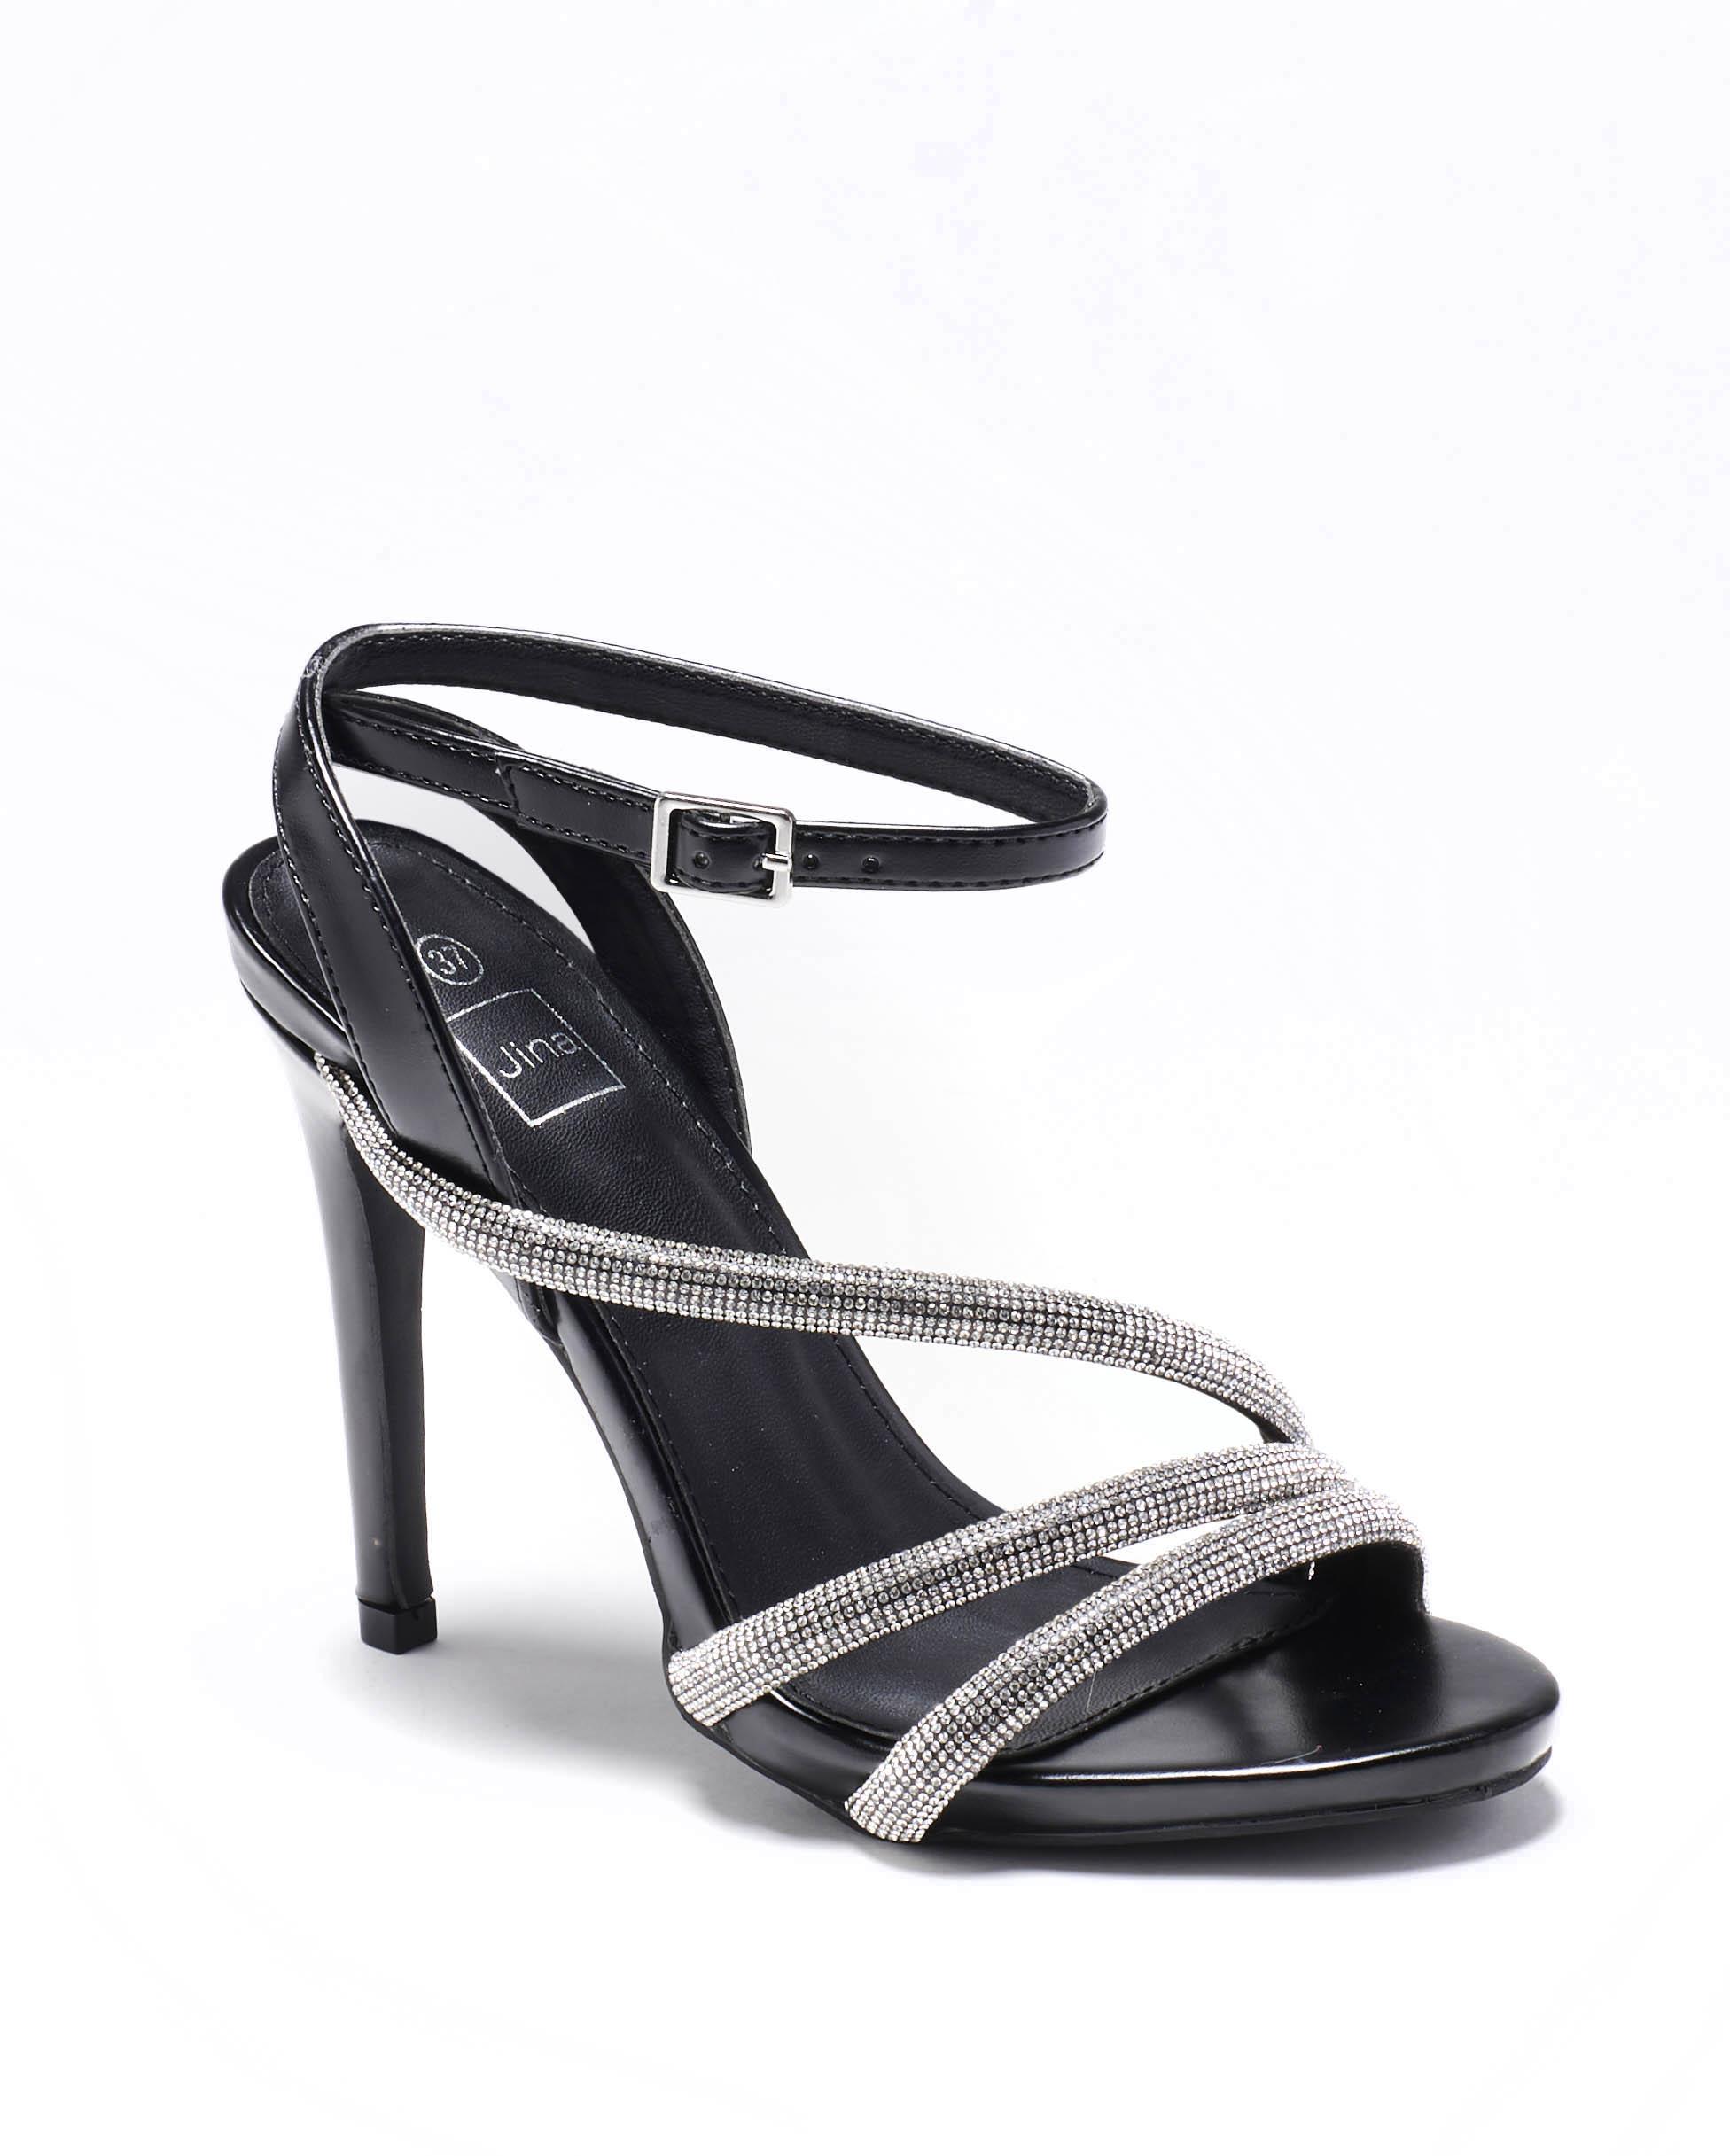 Sandales À Talons Femme - Sandale Talon Decrochee Noir Jina - Bhc-3